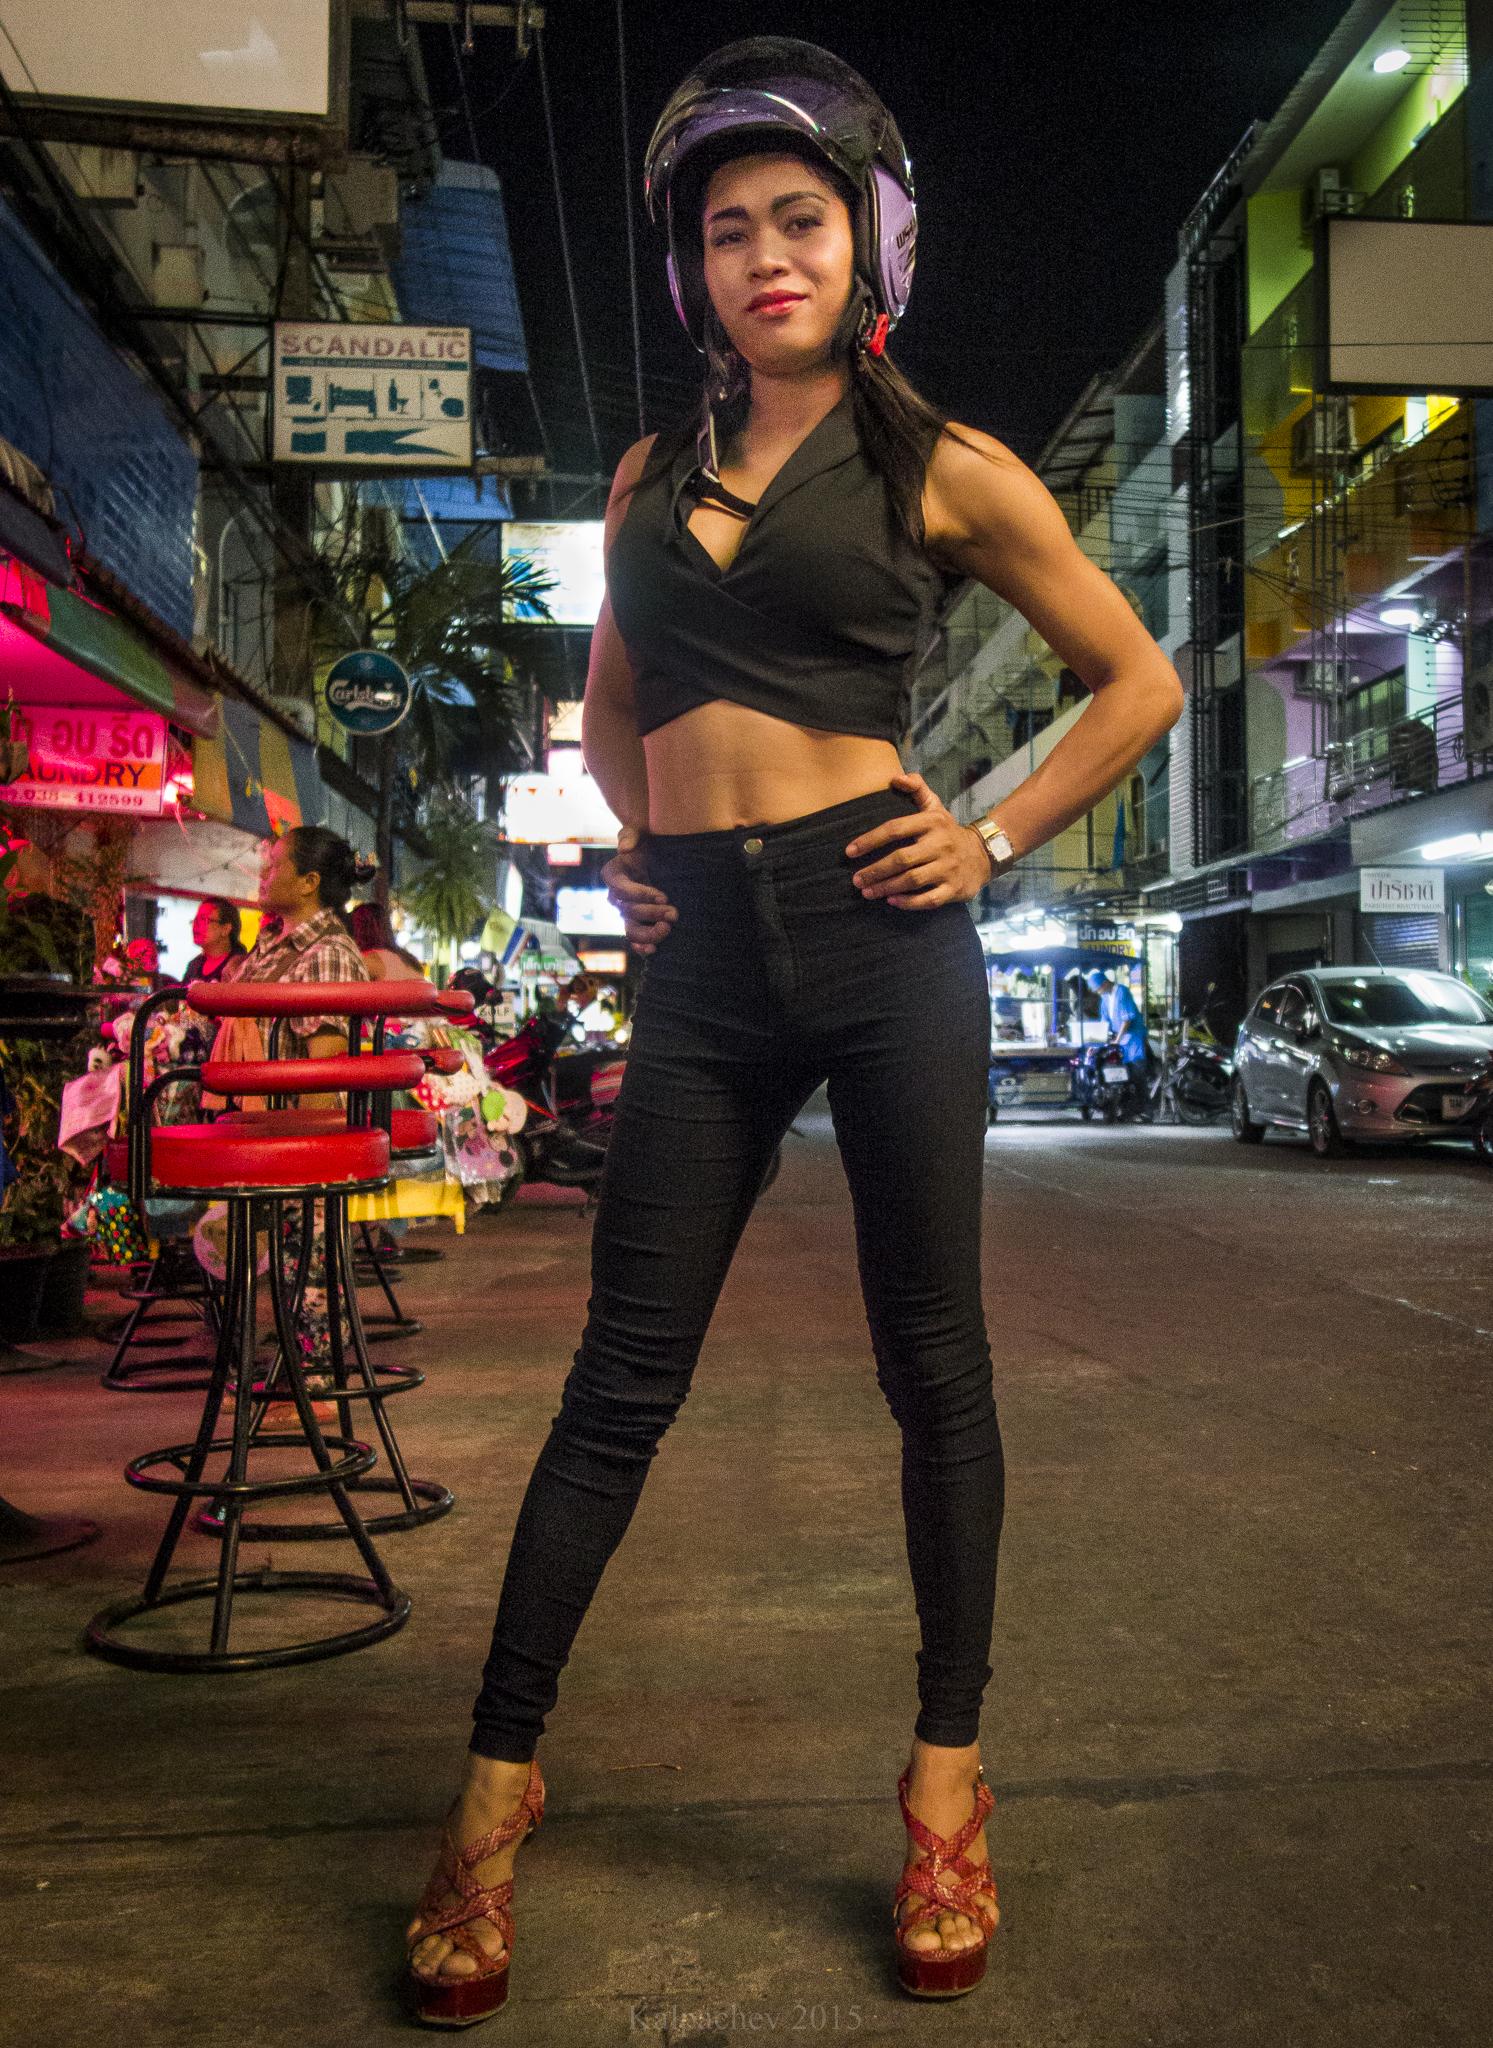 Jill, Pattaya, Thailand